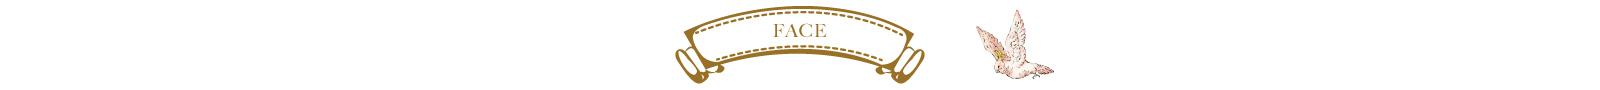 Laduree Face